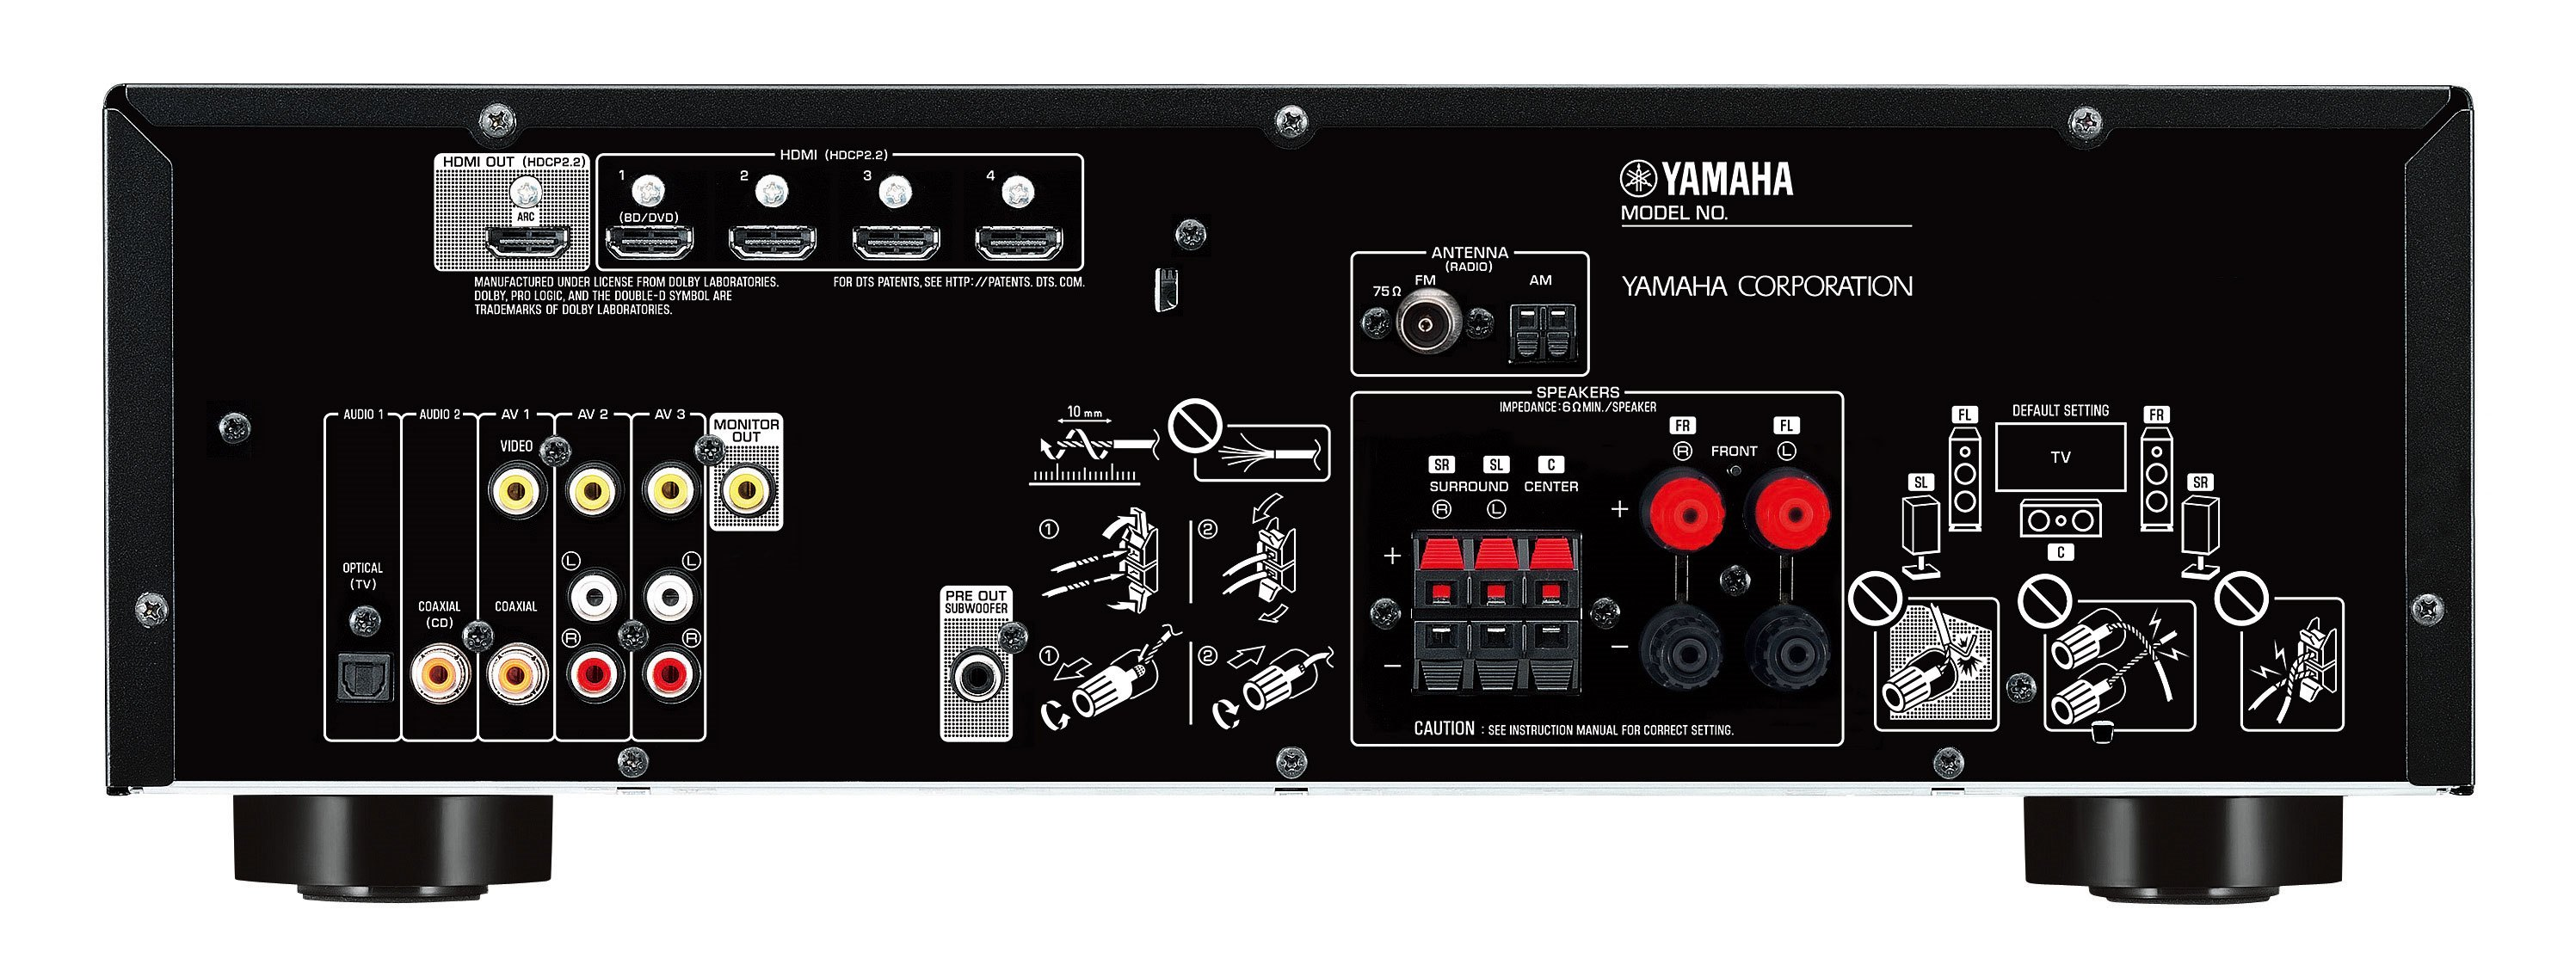 yamaha rx v383 svart 5 1 receiver. Black Bedroom Furniture Sets. Home Design Ideas